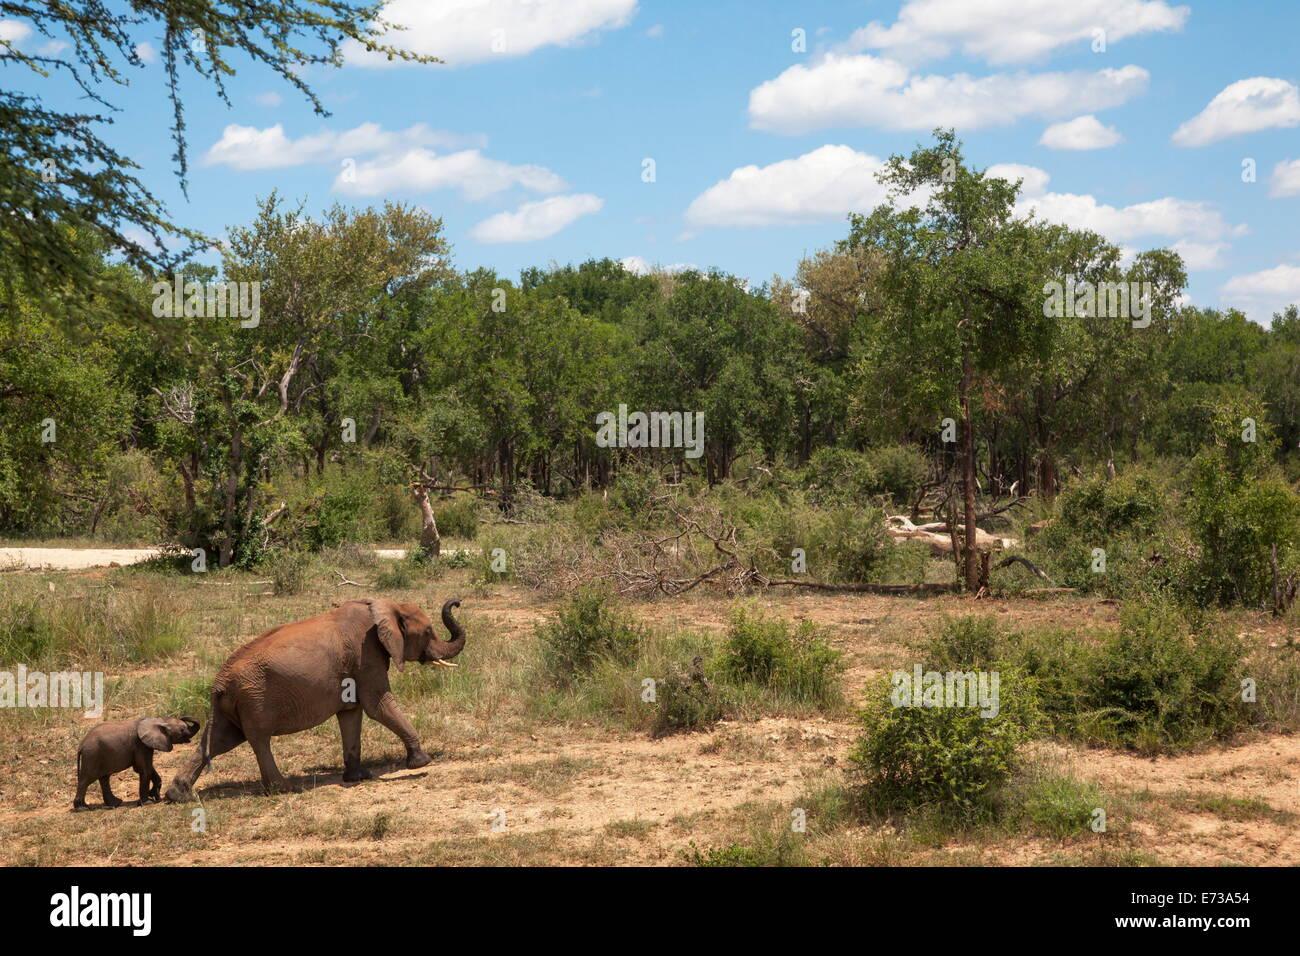 Les éléphants d'Afrique (Loxodonta africana) de sortir de l'eau, réserve Madikwe, Province Photo Stock